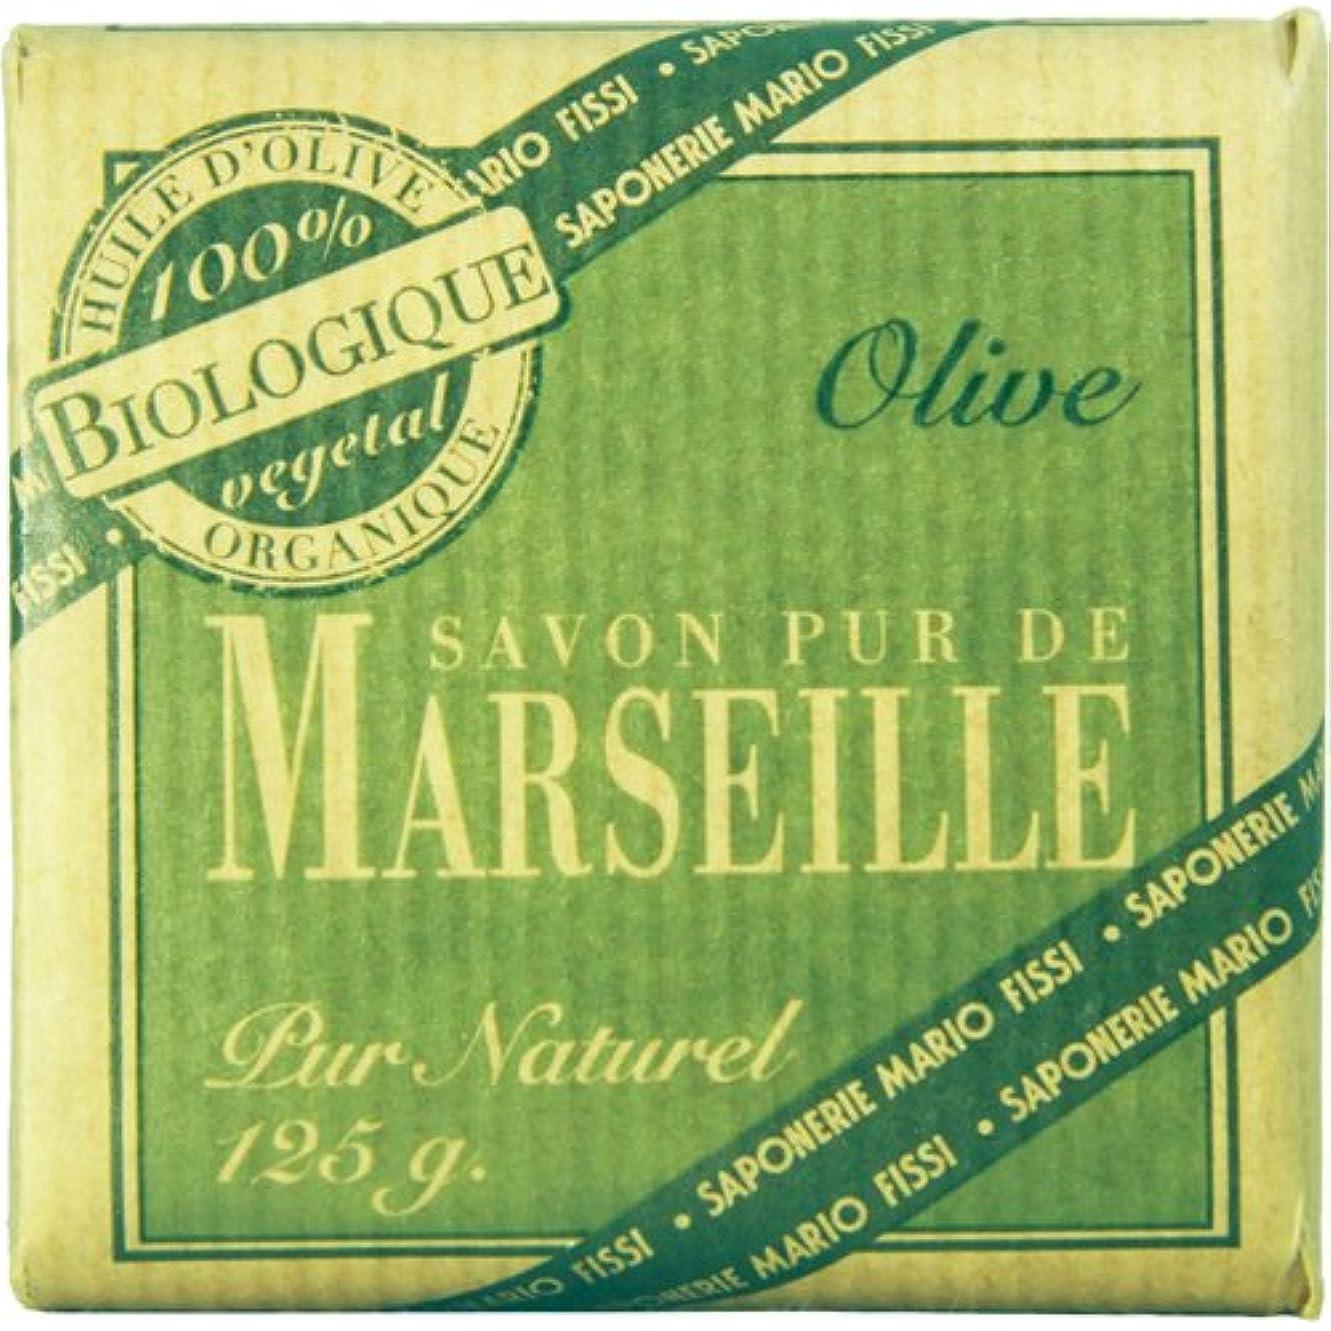 痛み変形奇跡Saponerire Fissi マルセイユシリーズ マルセイユソープ 125g Olive オリーブ